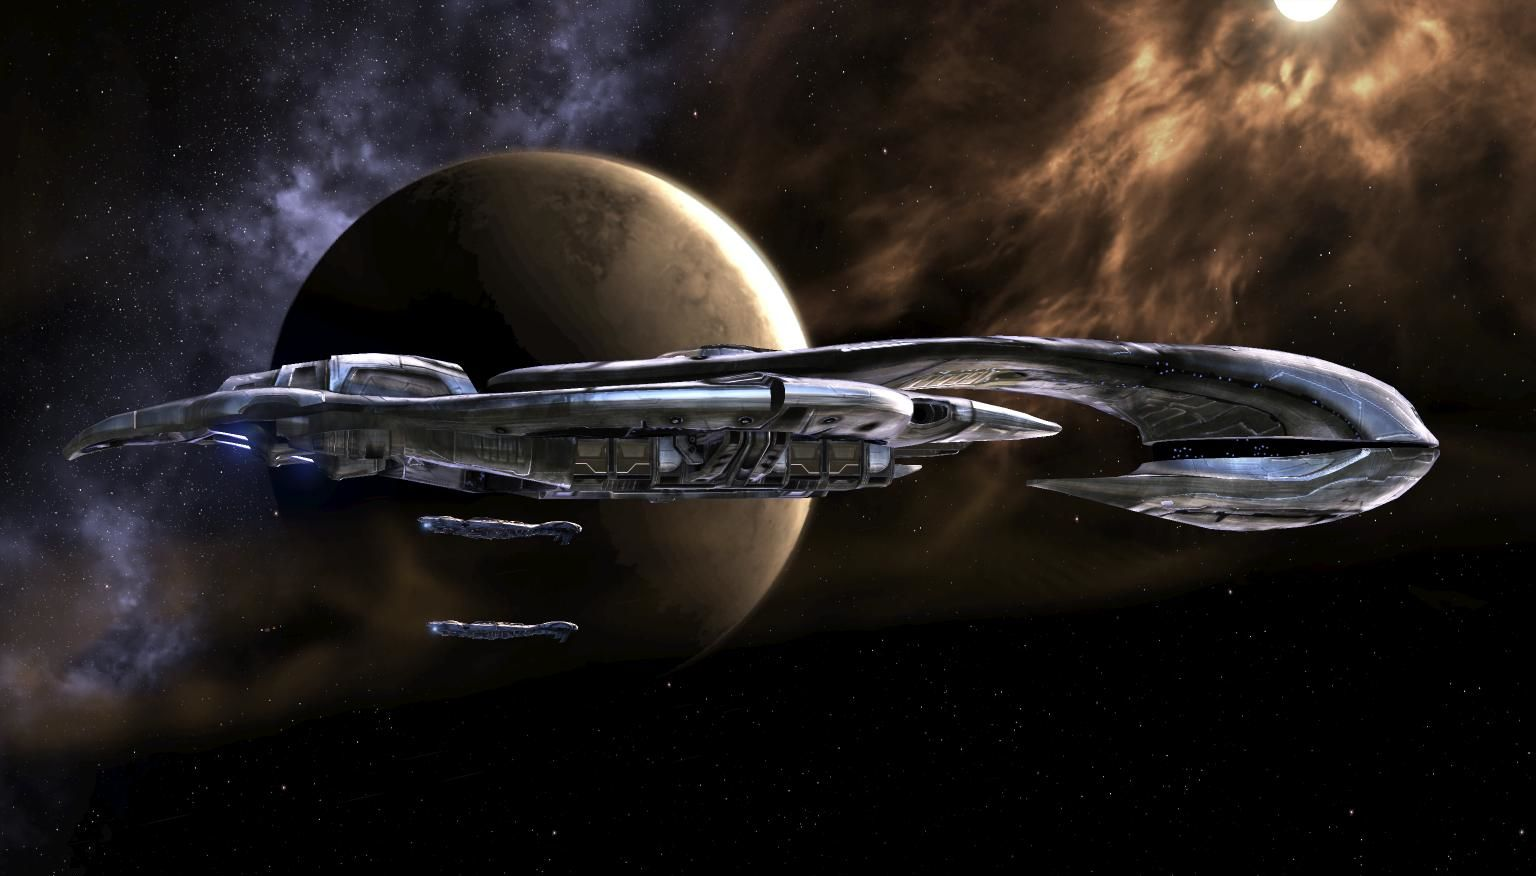 Risultati immagini per fleet, alien spaceship